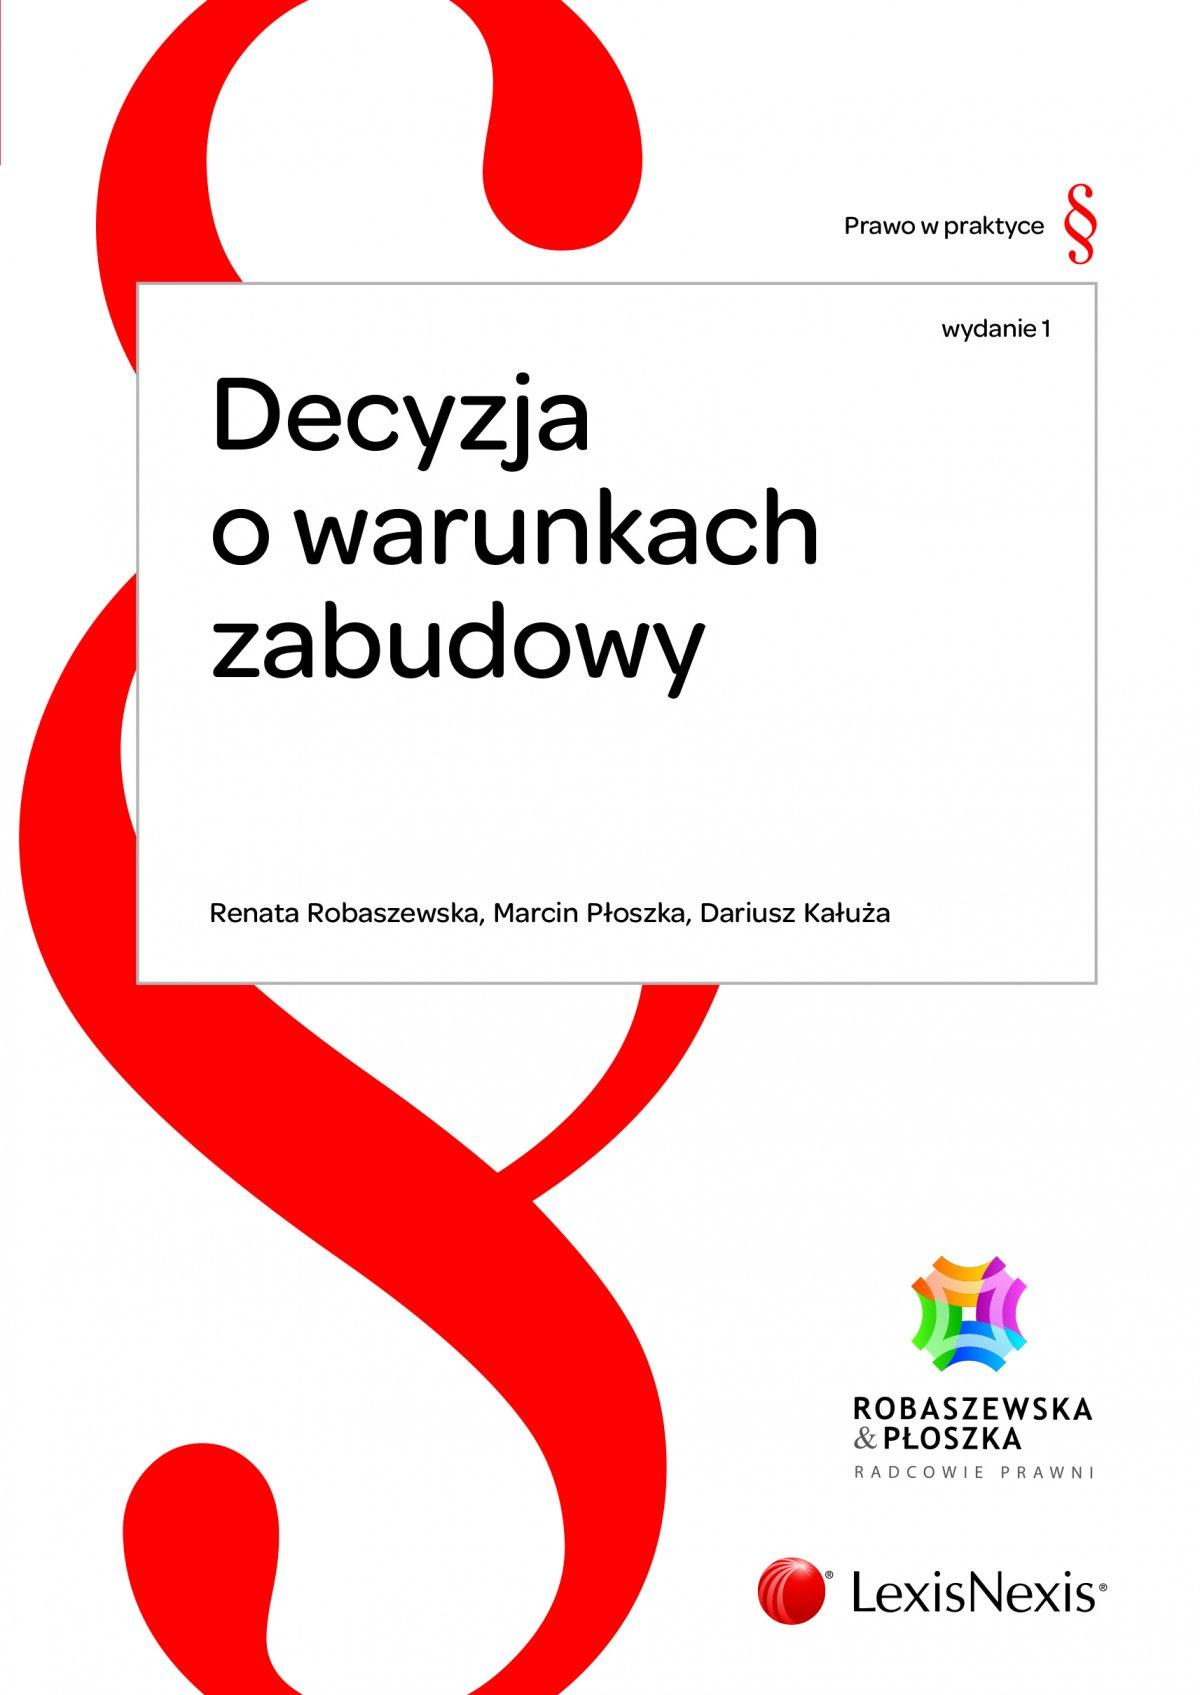 Decyzja o warunkach zabudowy. Wydanie 1 - Ebook (Książka EPUB) do pobrania w formacie EPUB